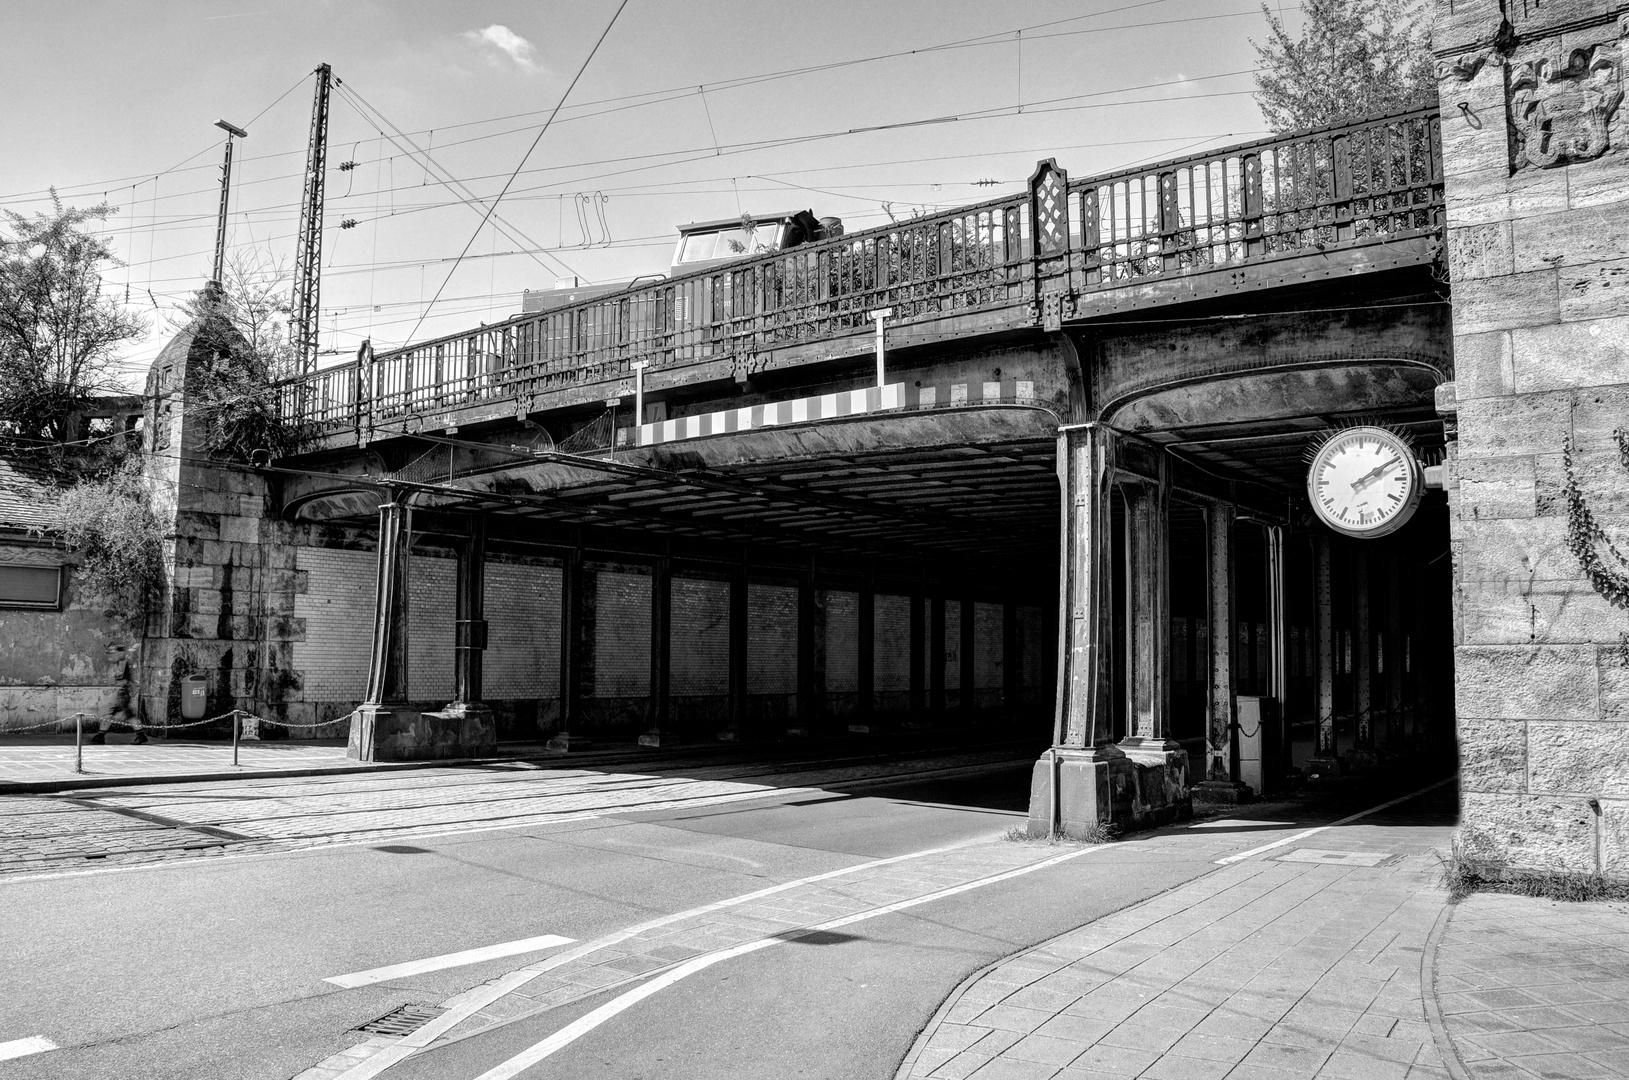 Eisenbahnbrücke Nürnberg